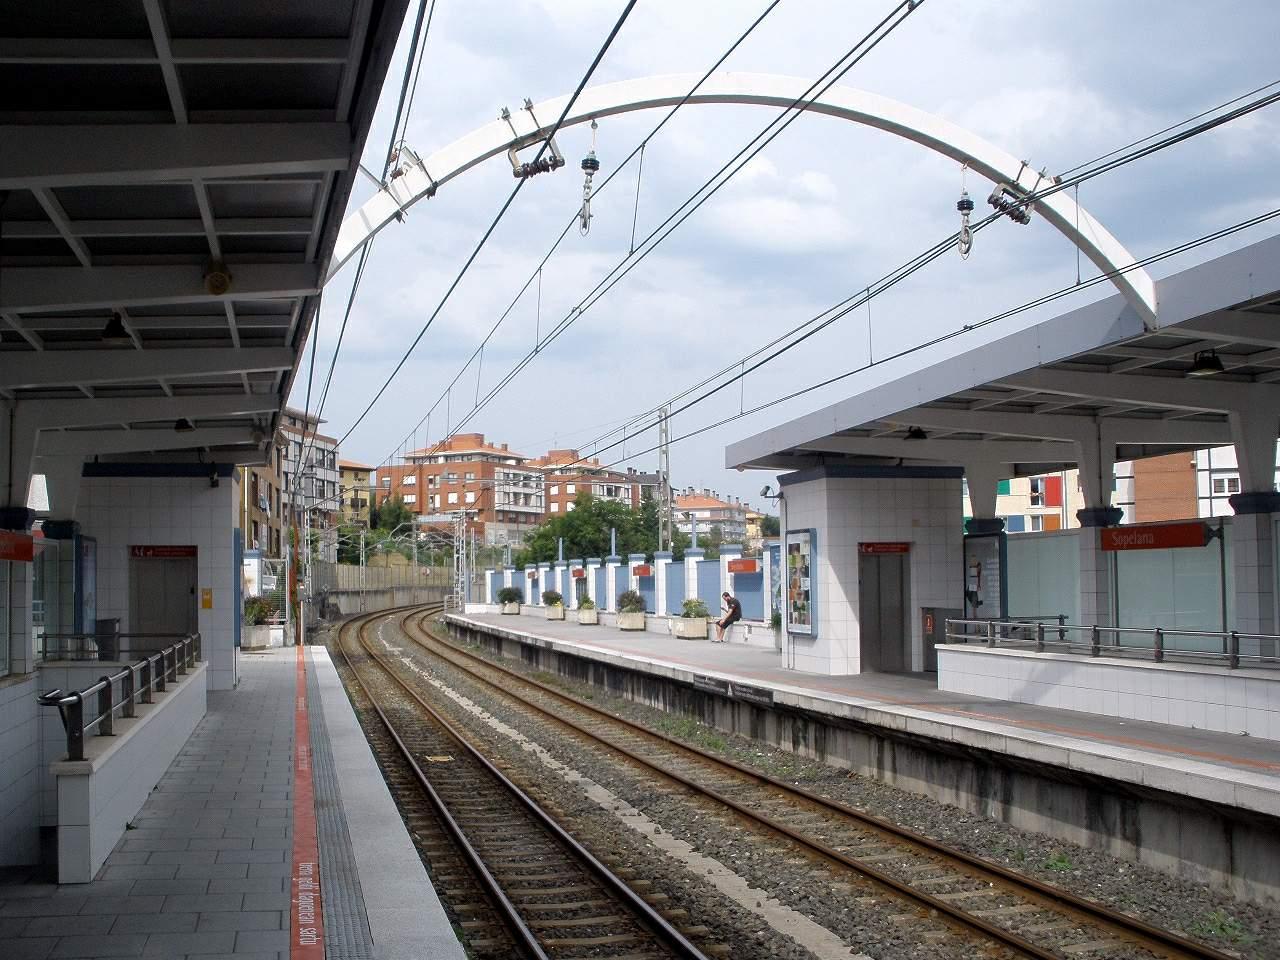 ABISUA: Metroaren mantentze lanak Sugurdialde kalean, azaroaren 23tik abenduaren 4ra